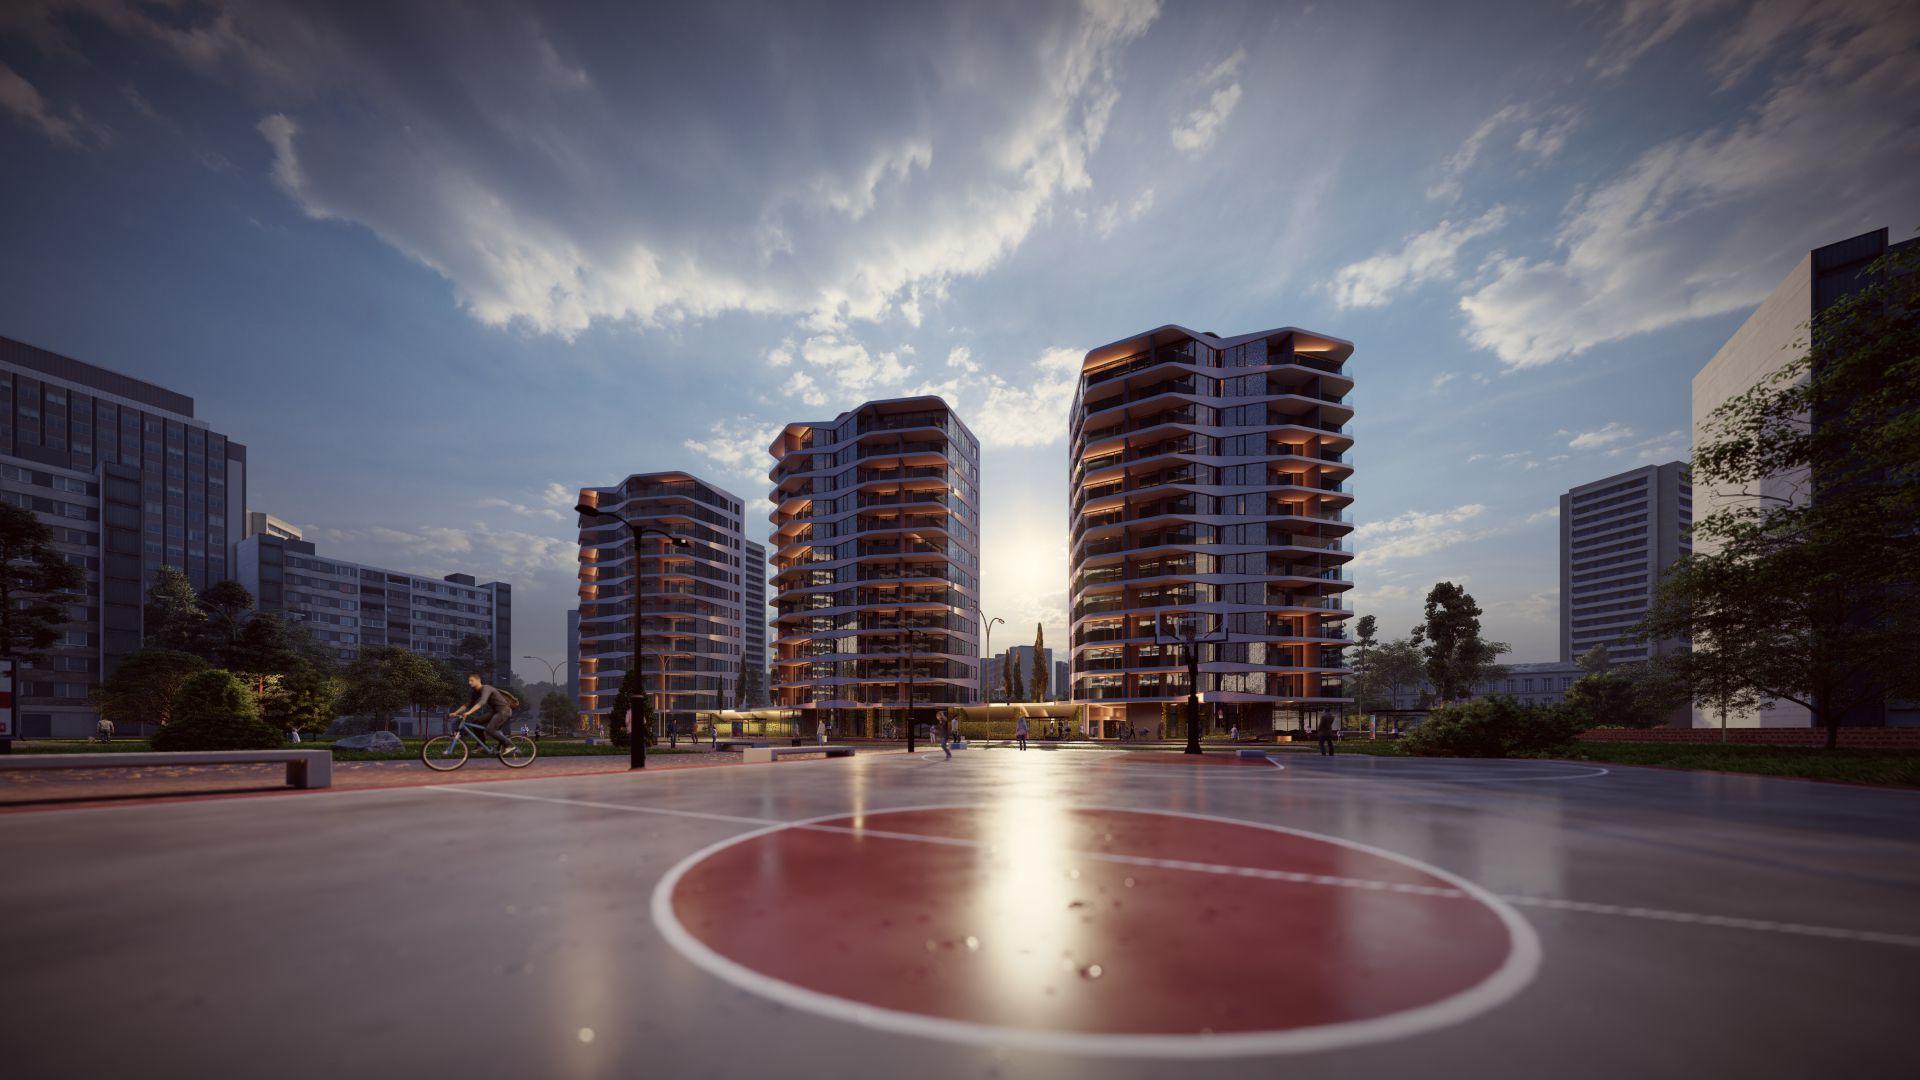 arhitektuurne 3d visualiseerimine skyline 4 8